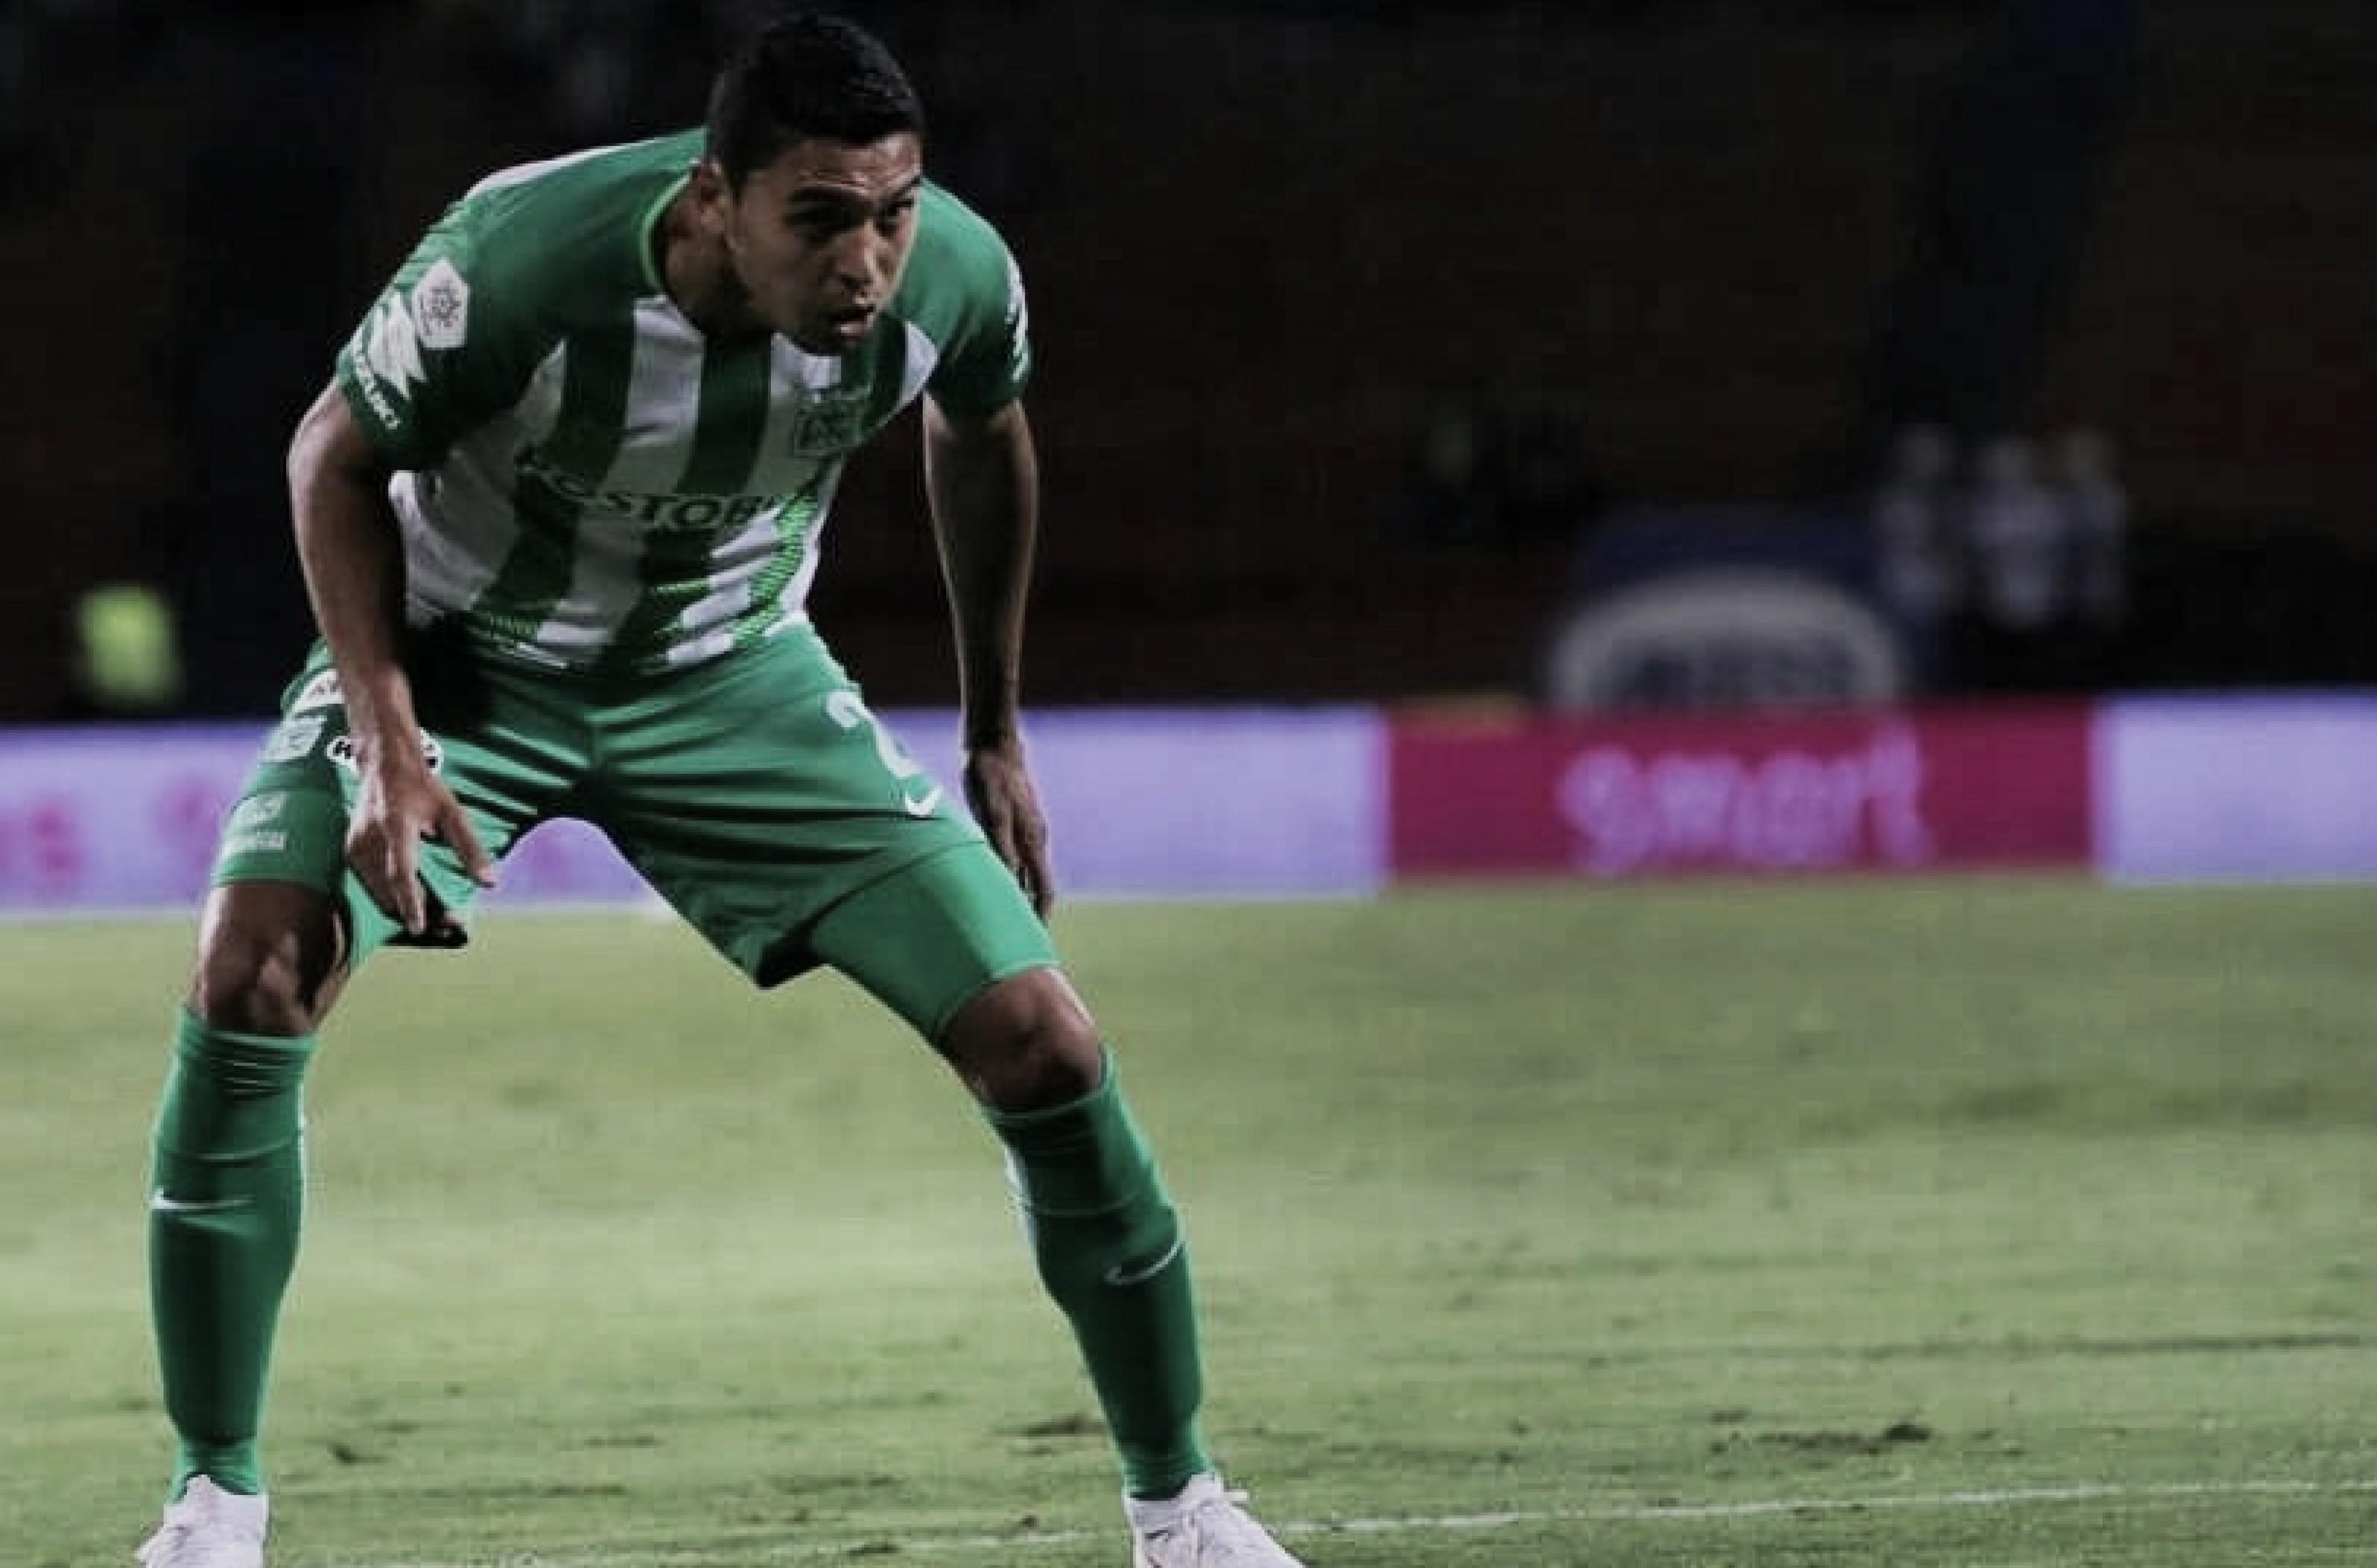 """Daniel Bocanegra y su gol de tiro libre: """"era una racha que quería terminar"""""""